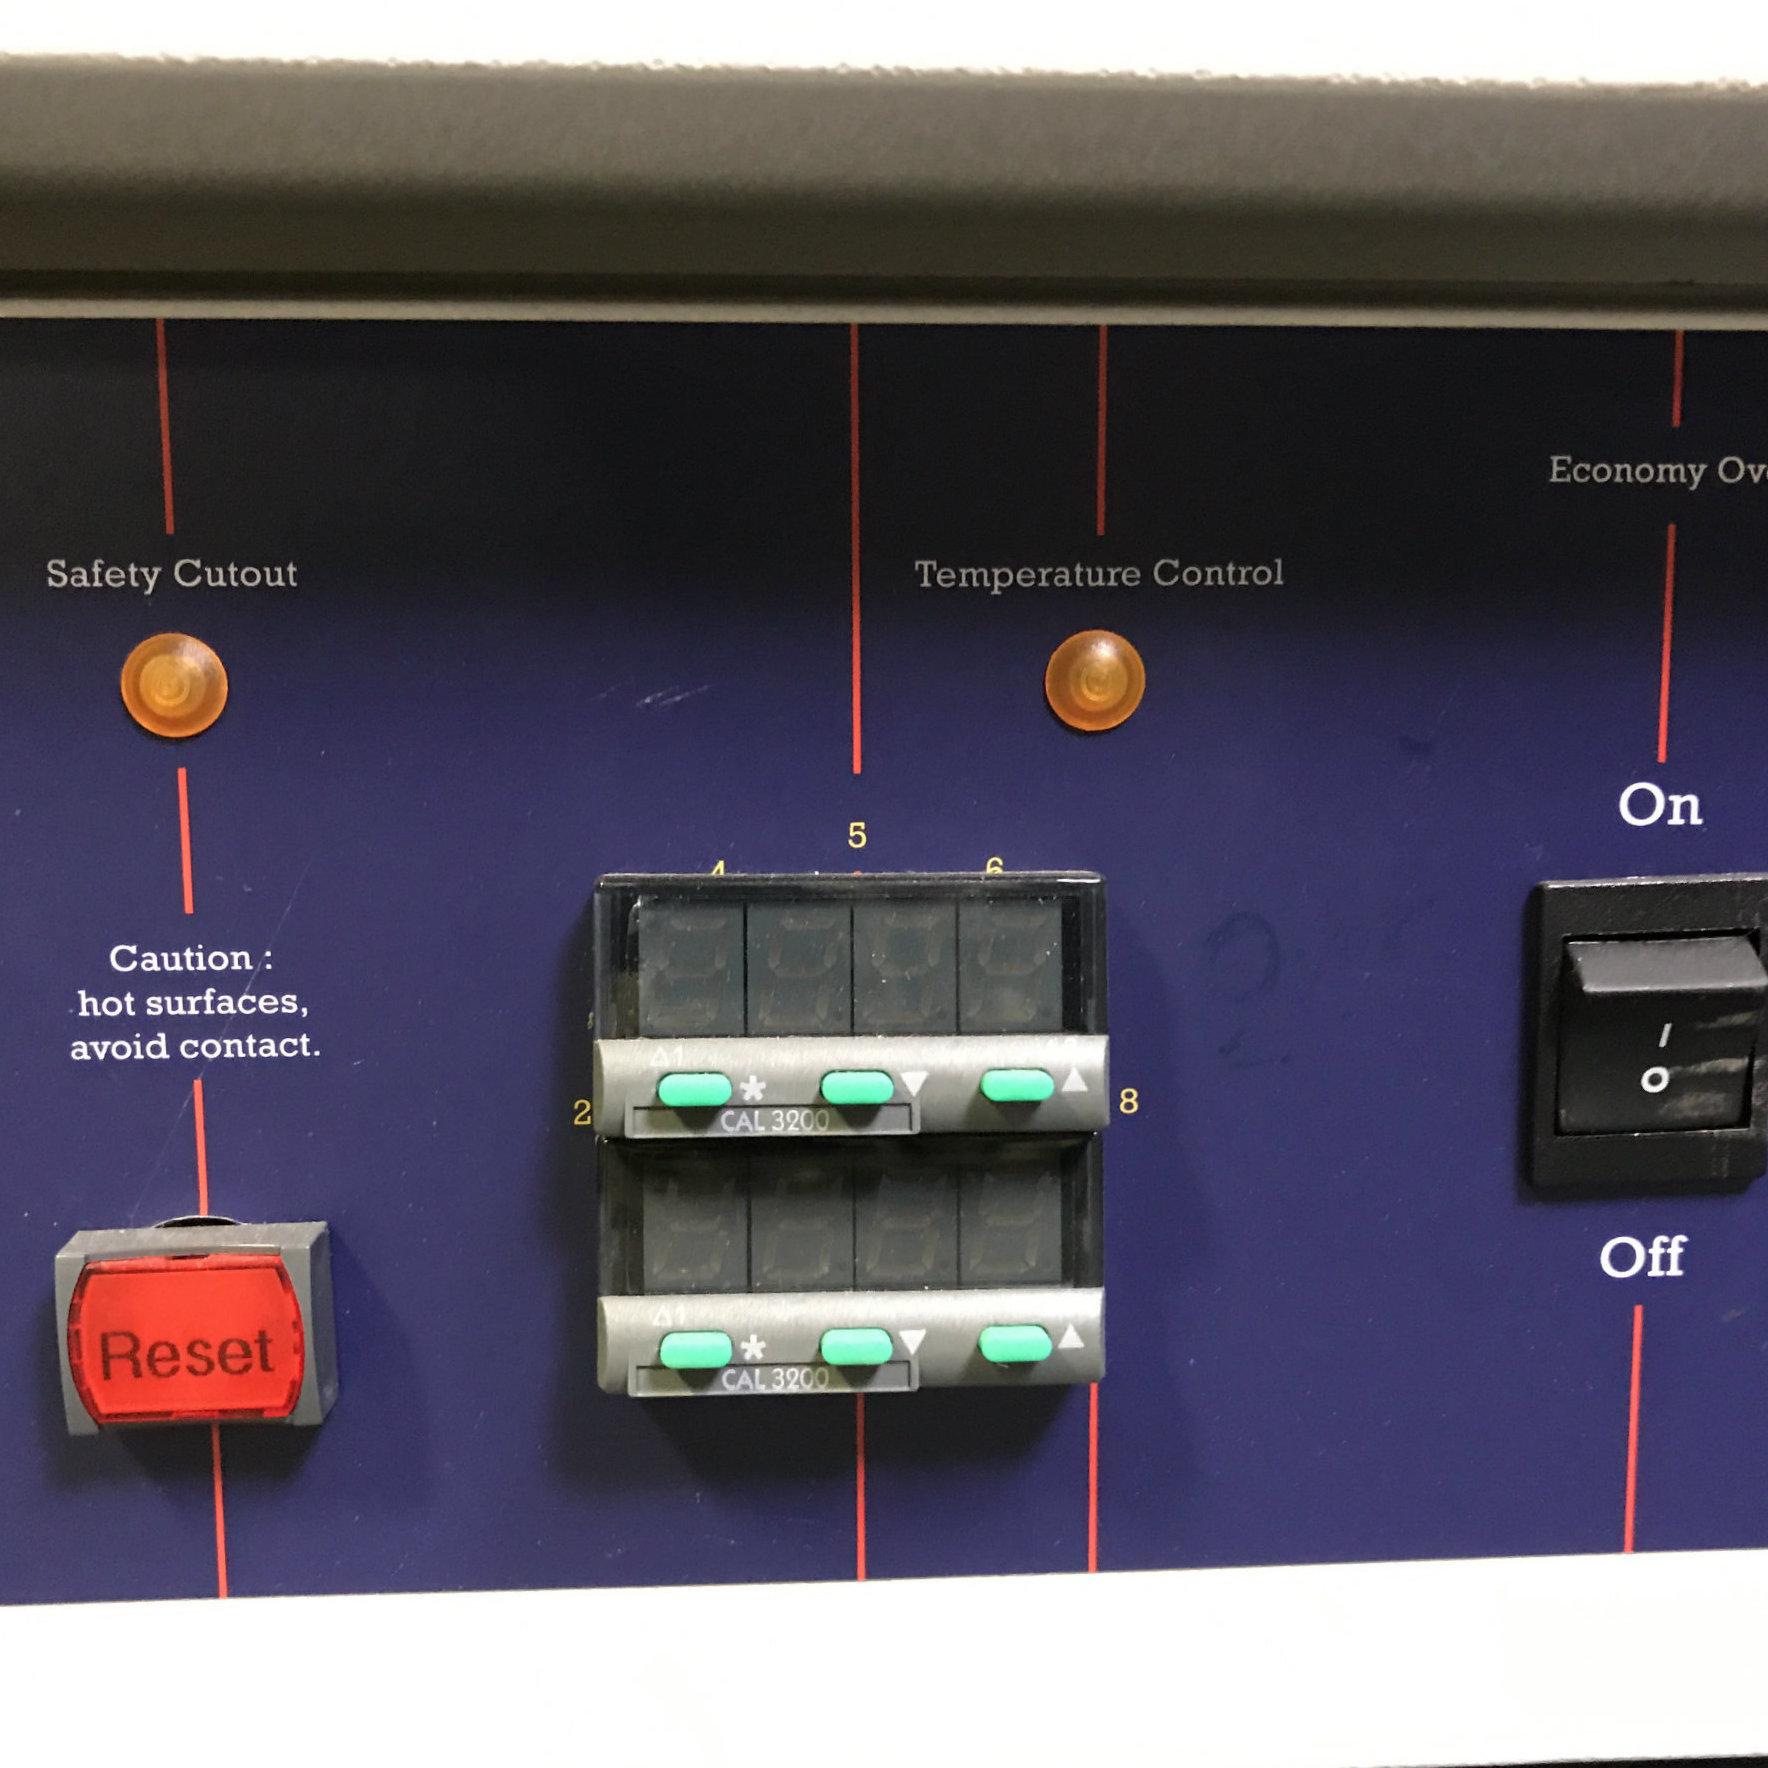 Precision 45Em Economy Oven Image